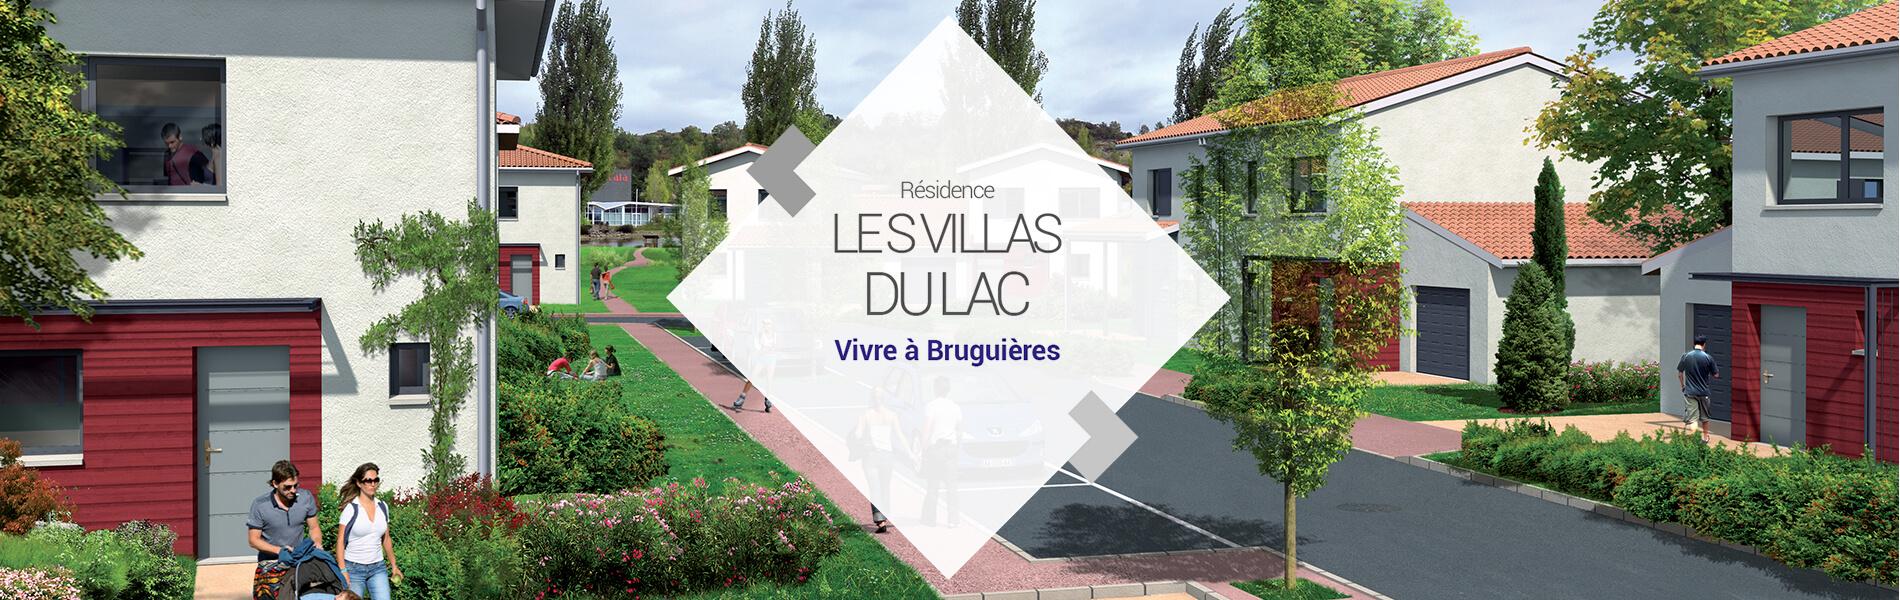 Les Villas du Lac - BG Promotion